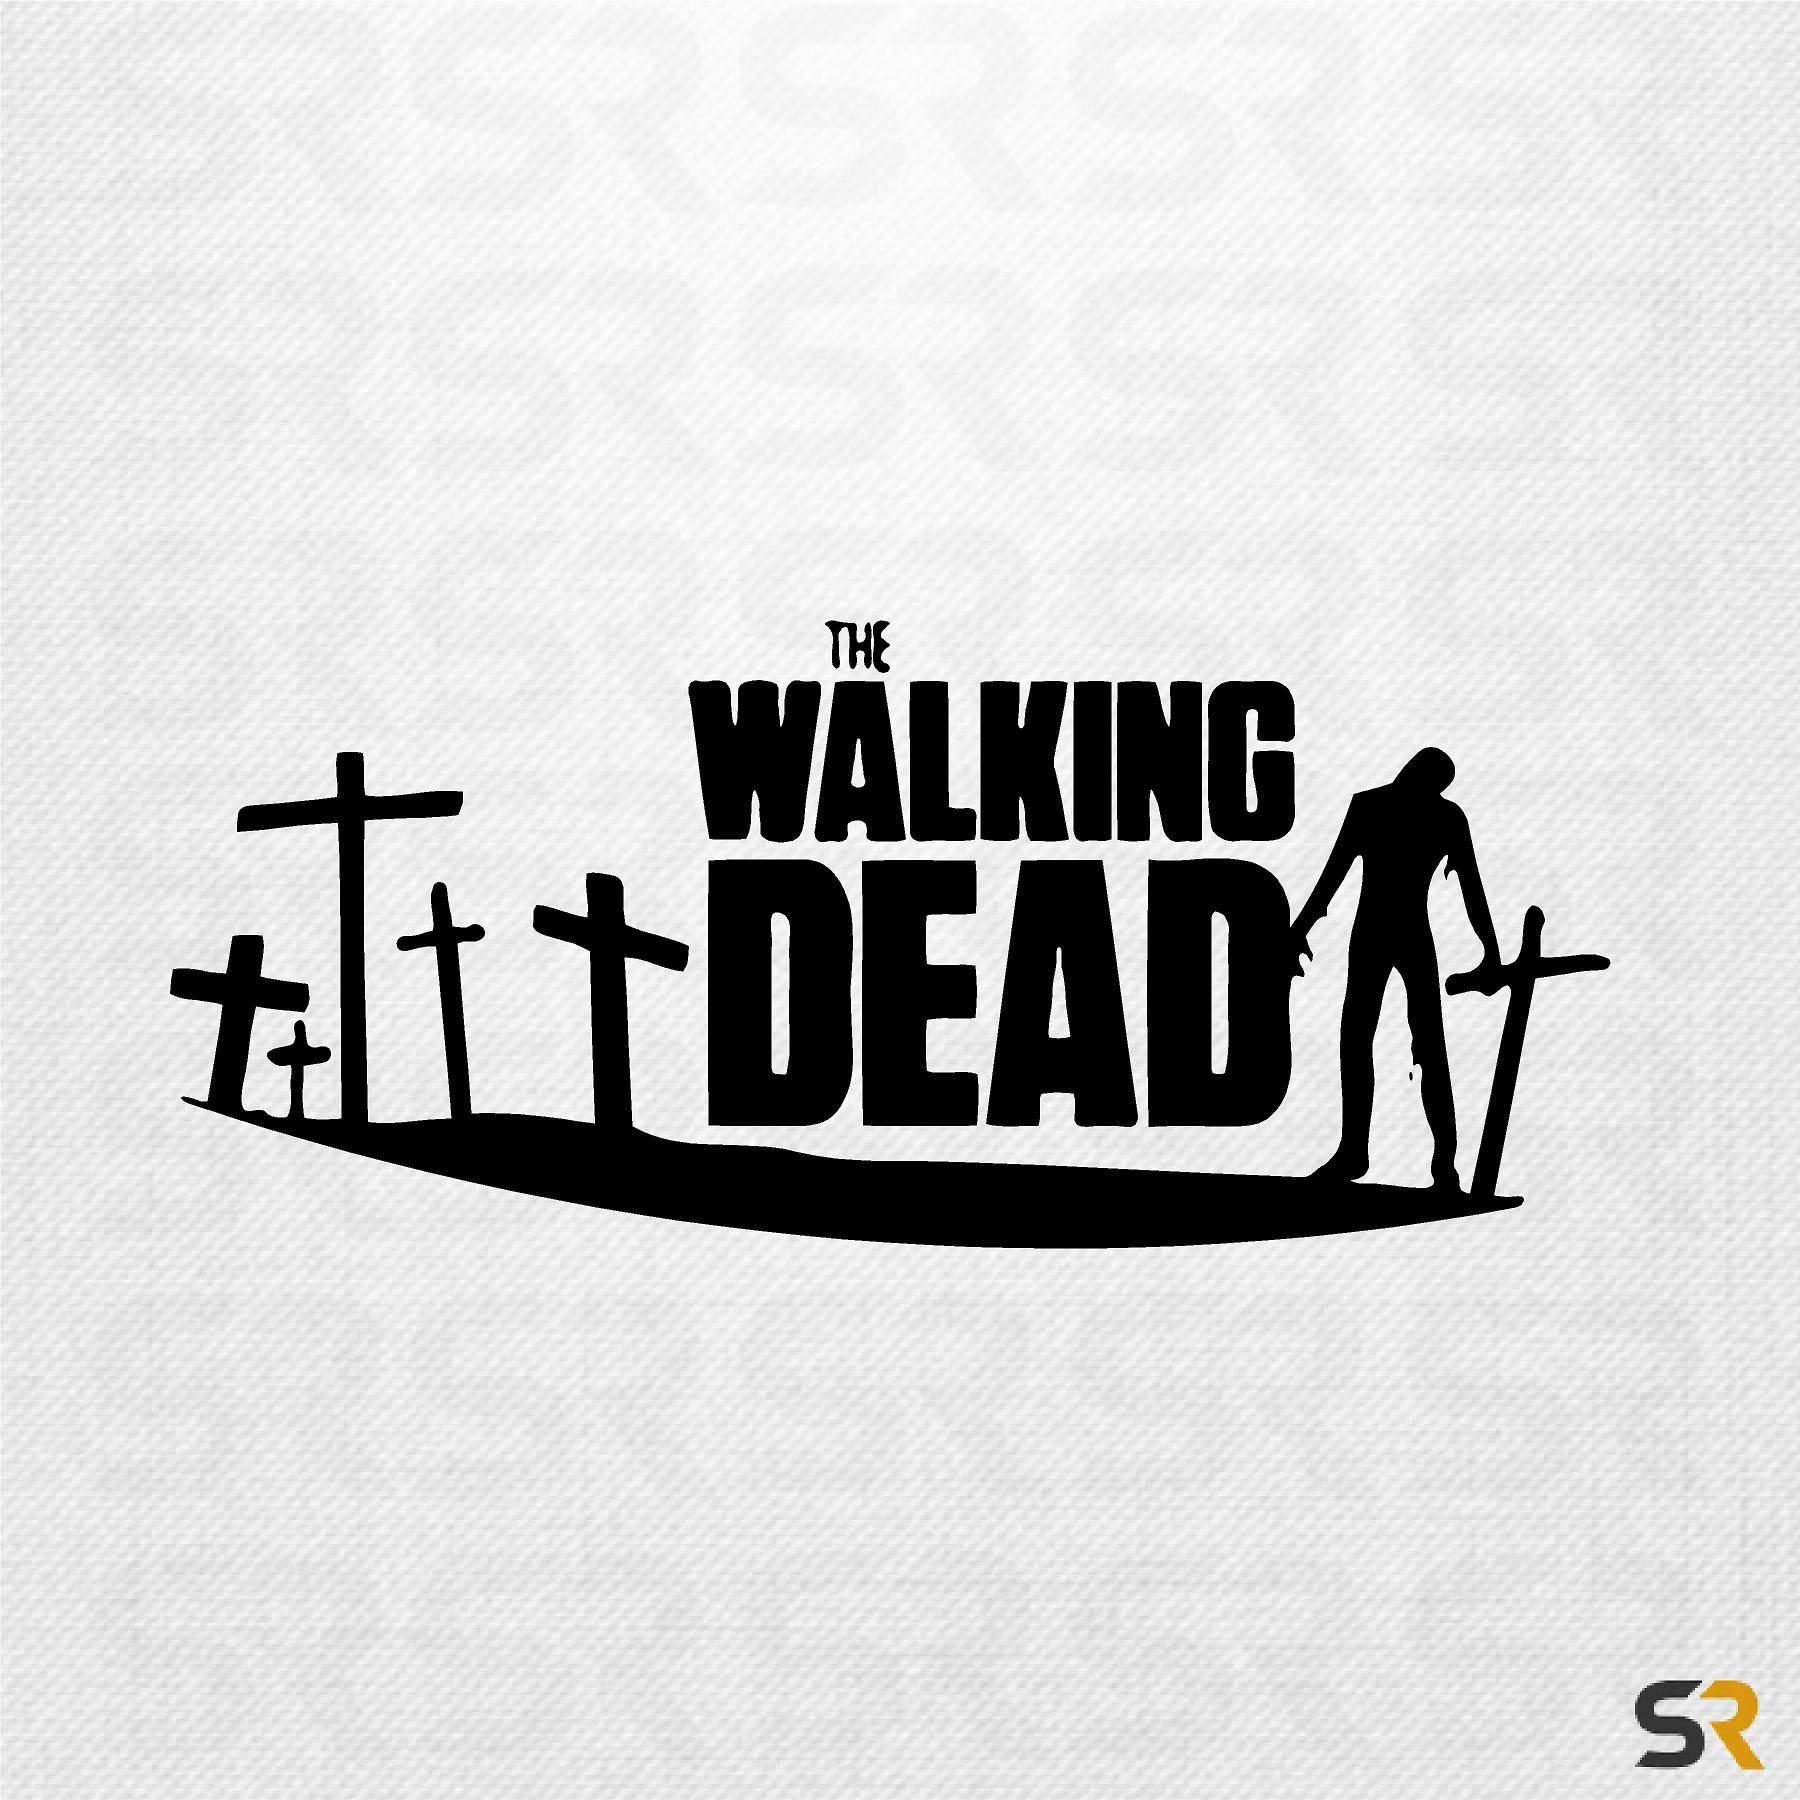 Walking Dead Decals Walking Dead Zombie Decal Walking Dead Cross Decals Walking Dead Movie Decal The Walking Dead Fear The Walking Dead Cartoon Tv [ jpg ]